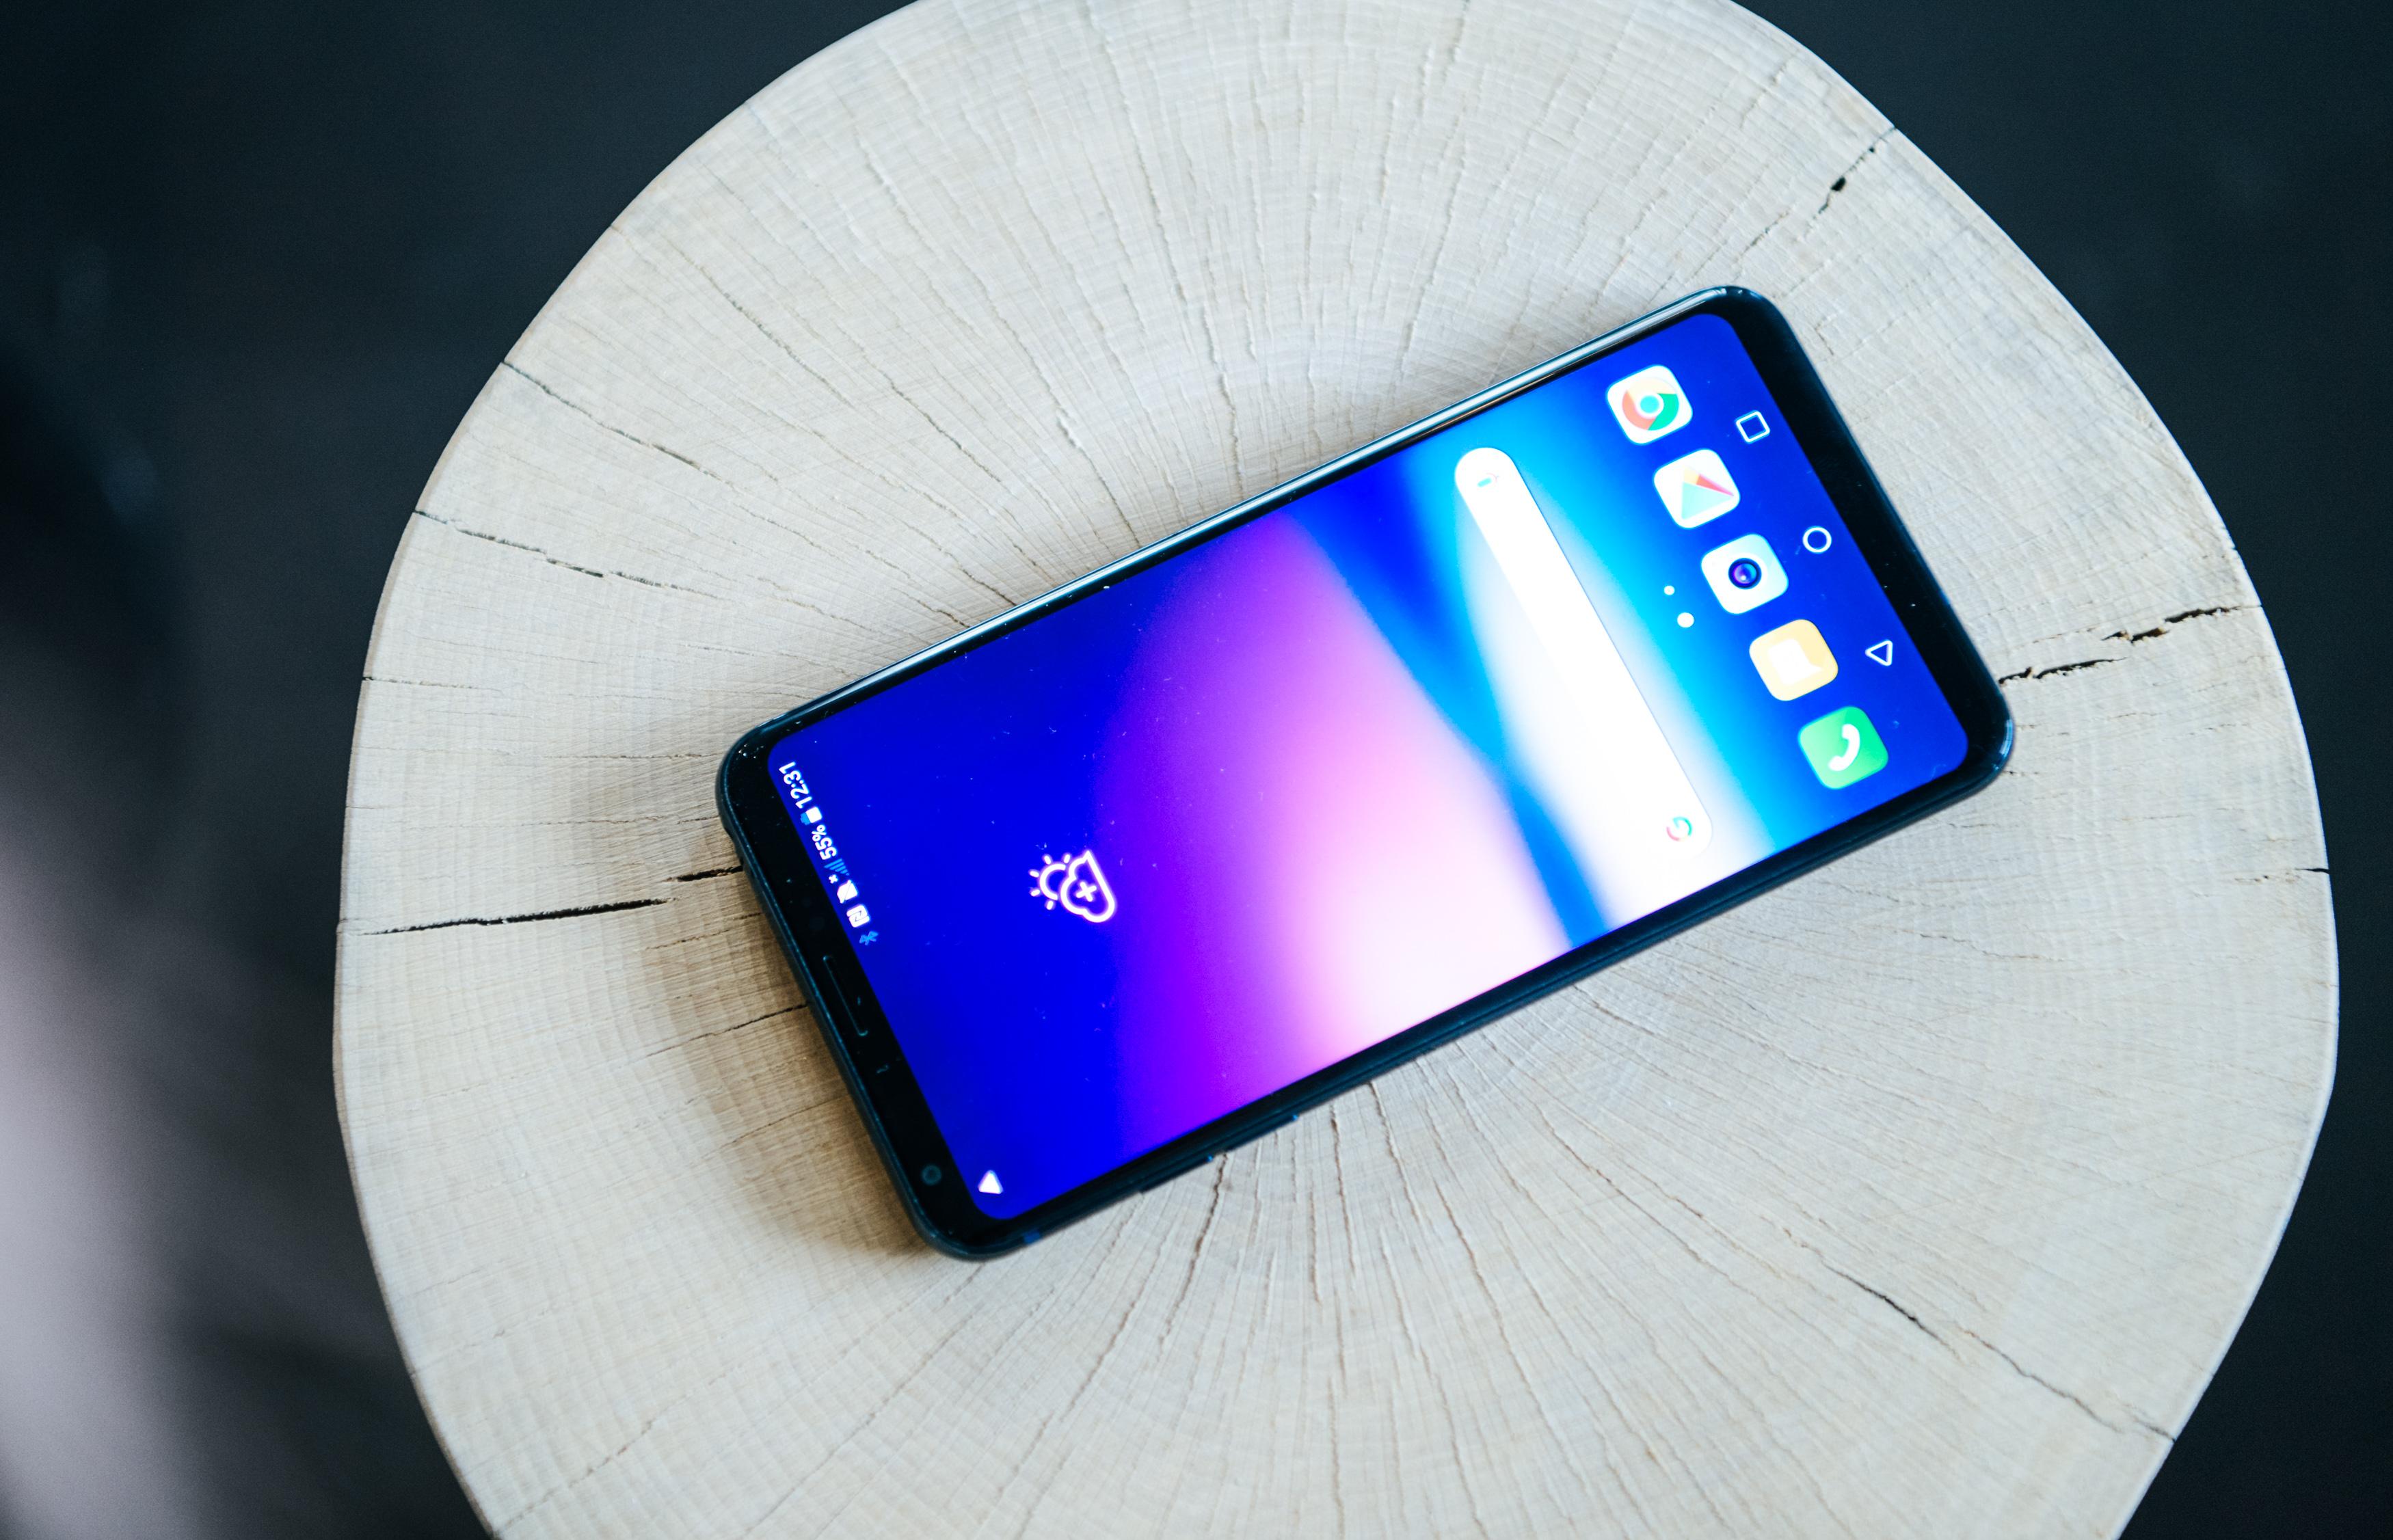 LG V30 - Pri ekranu pusti vso konkurenco zadaj! Vsekakor eden njegovih največjih adutov.